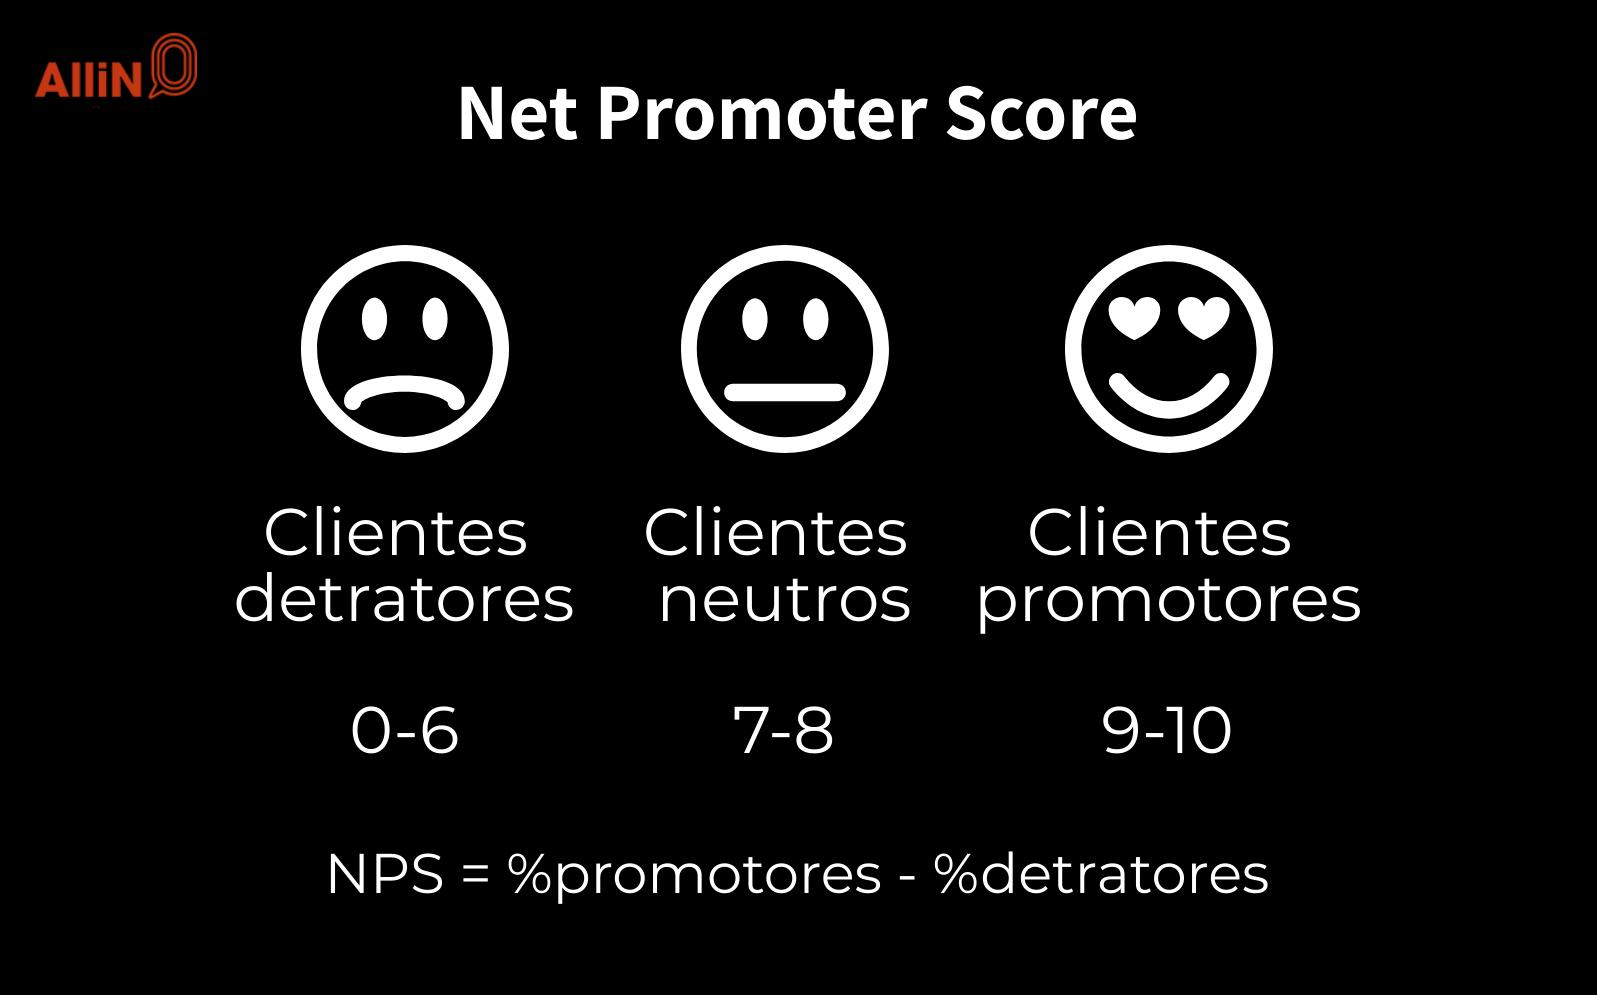 A imagem apresenta os três fatores do NPS (Net Promoter Score): 1. os clientes detratores; 2. clientes neutros; 3. clientes promotores. Em seguida, apresenta o cálculo de NPS: a % de promotores menos a % de detratores.